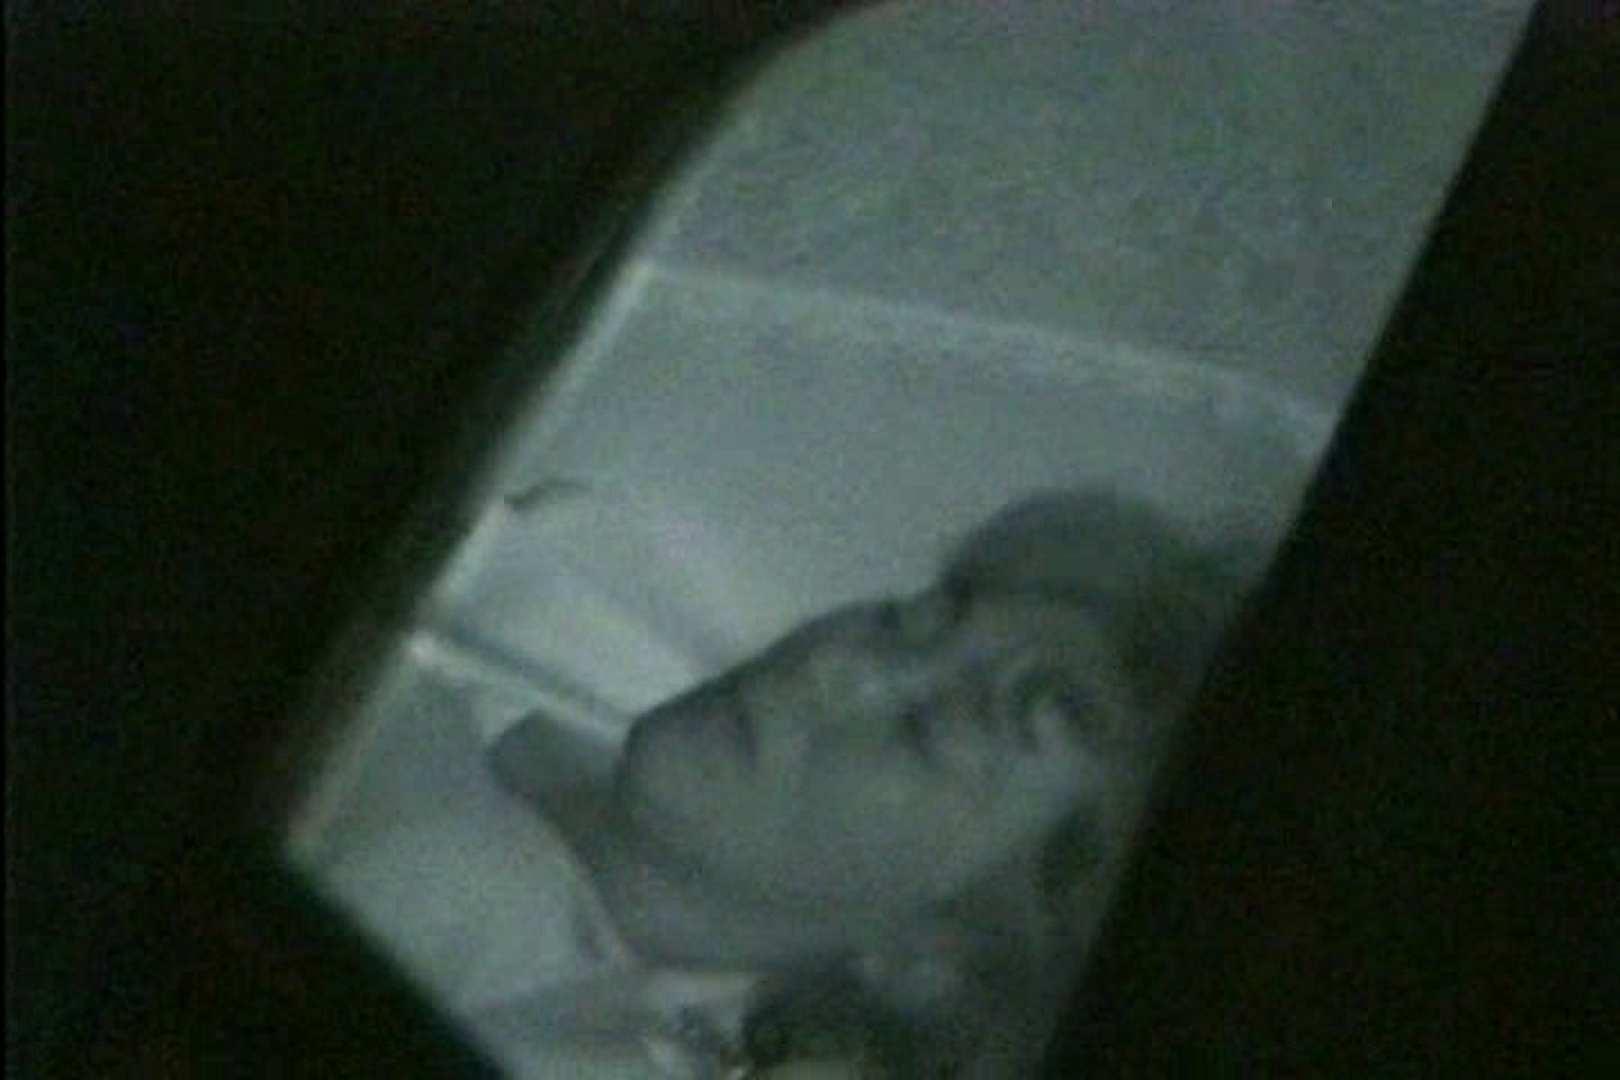 車の中はラブホテル 無修正版  Vol.8 望遠 のぞき動画画像 102PIX 21